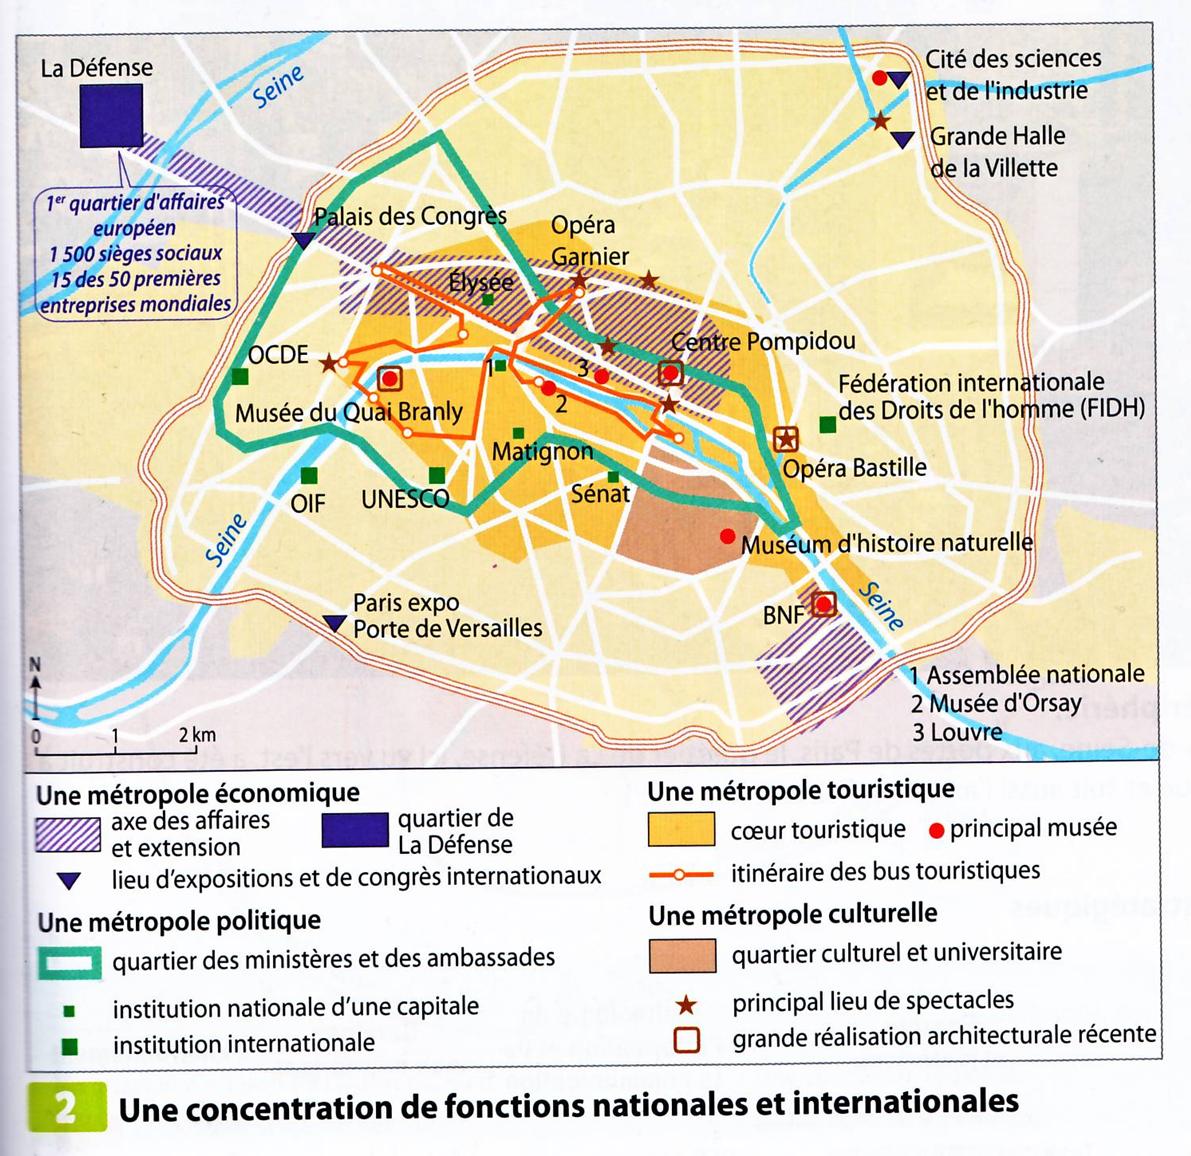 La france dans la mondialisation mdeforge for Lieux touristiques paris